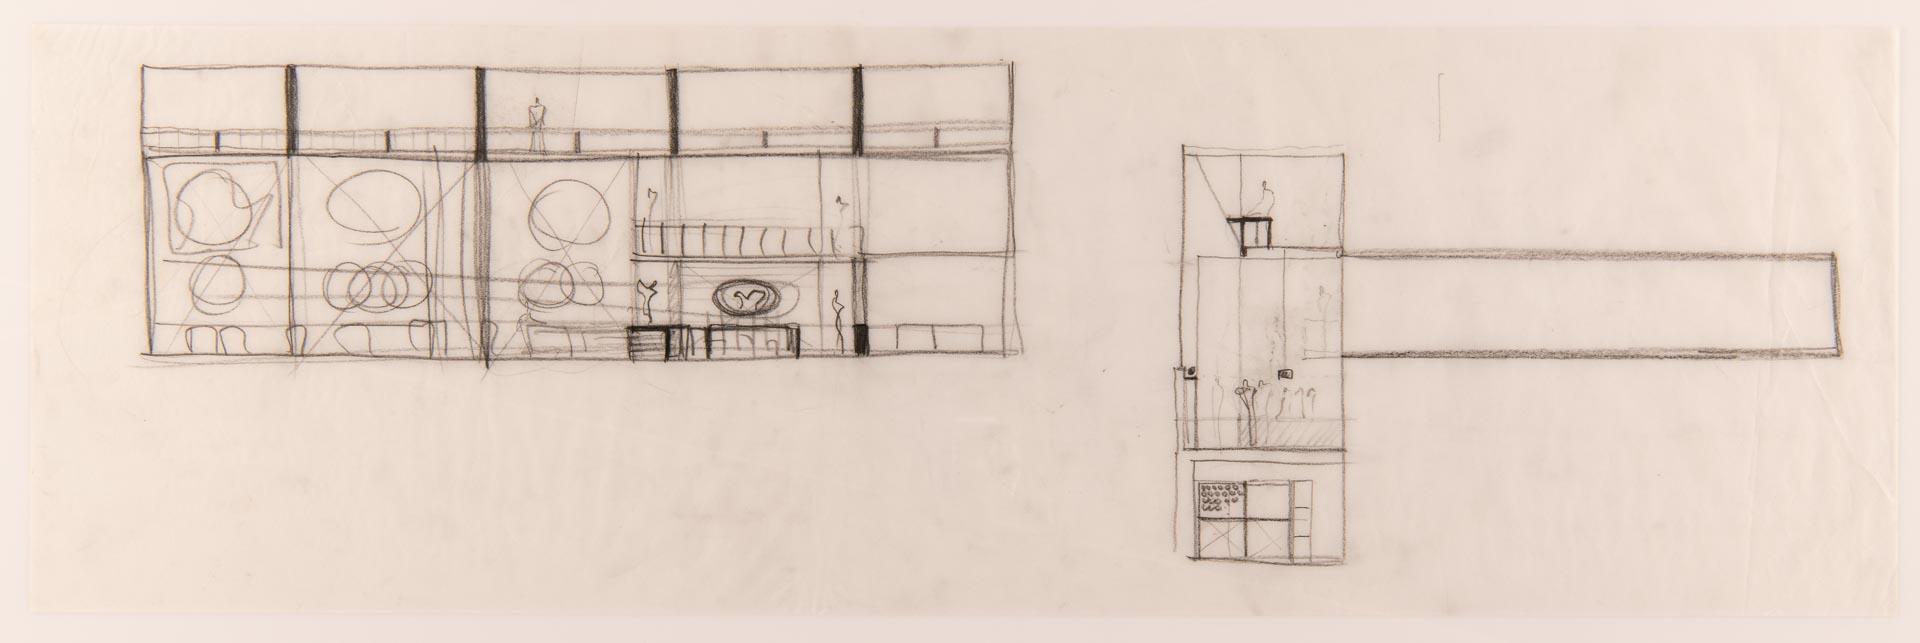 disegno architetto